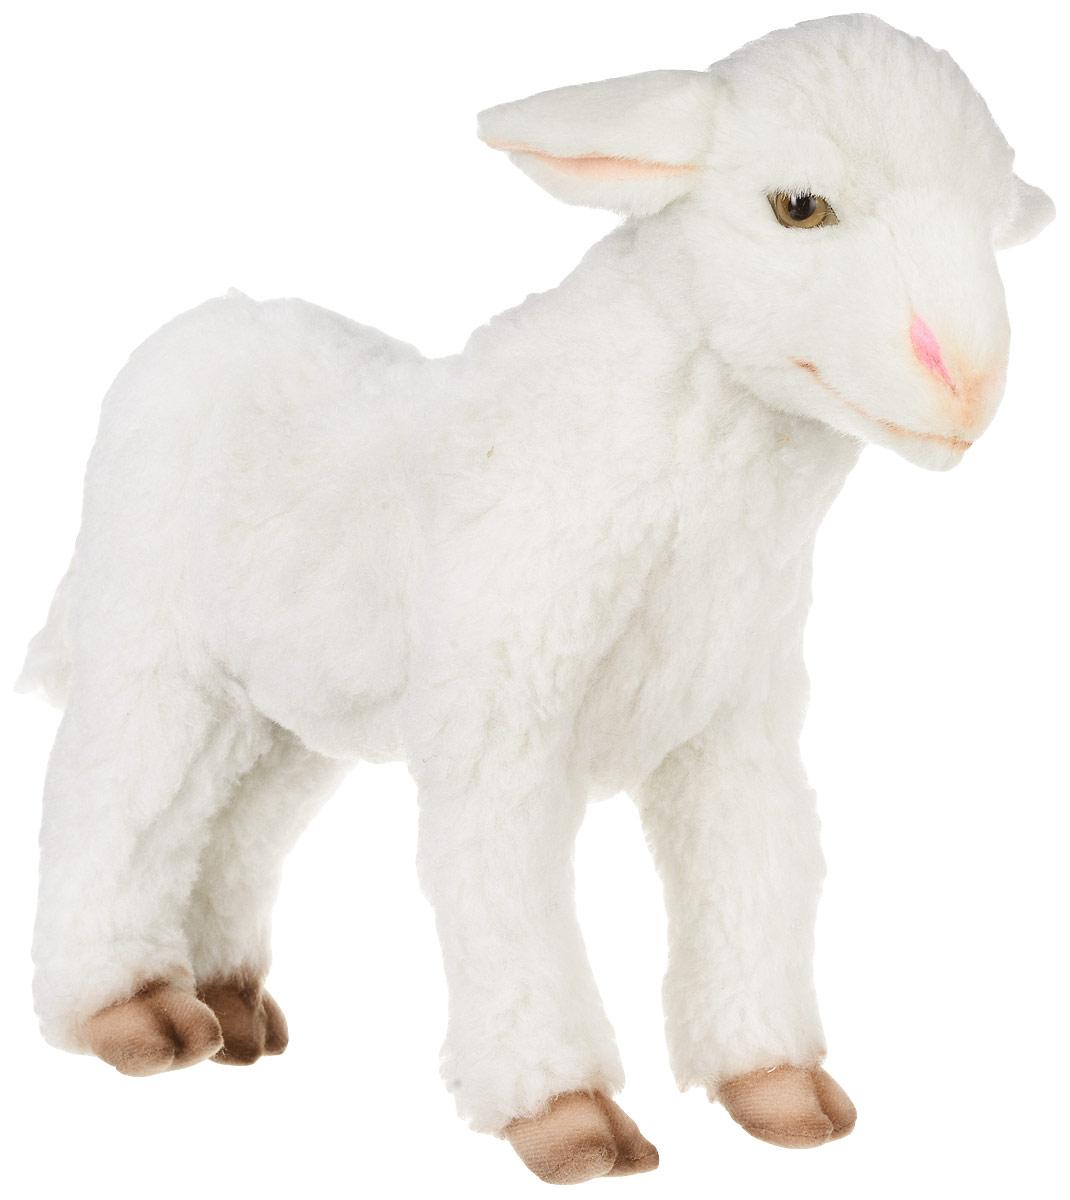 Hansa Toys Мягкая игрушка Ягненок 28 см 65626562Домашний баран (самка называется овца, детеныш - ягненок) - парнокопытное, млекопитающее из рода баранов, семейства полорогих. Эти очень полезные животные были одомашнены уже в глубокой древности. Из их густой мягкой шерсти изготавливают ткани, шьют одежду и одеяла. Некоторые породы овец разводятся ради мяса. Жители многих стран мира пьют овечье молоко, из которого, кроме того, изготавливают сыр. Домашние овцы живут большими стадами - отарами. Отару возглавляет старый баран, за которым, послушно повинуясь древним инстинктам, следуют все остальные члены стада. Пасти овец людям нередко помогают специально обученные собаки некоторых пород. Но на воле живут дикие бараны, они обитают в Австралии, Новой Зеландии и Южной Америке. Мягкая игрушка Hansa Toys Ягненок обязательно понравится вам и вашему малышу и познакомит вас с этим удивительным животным.